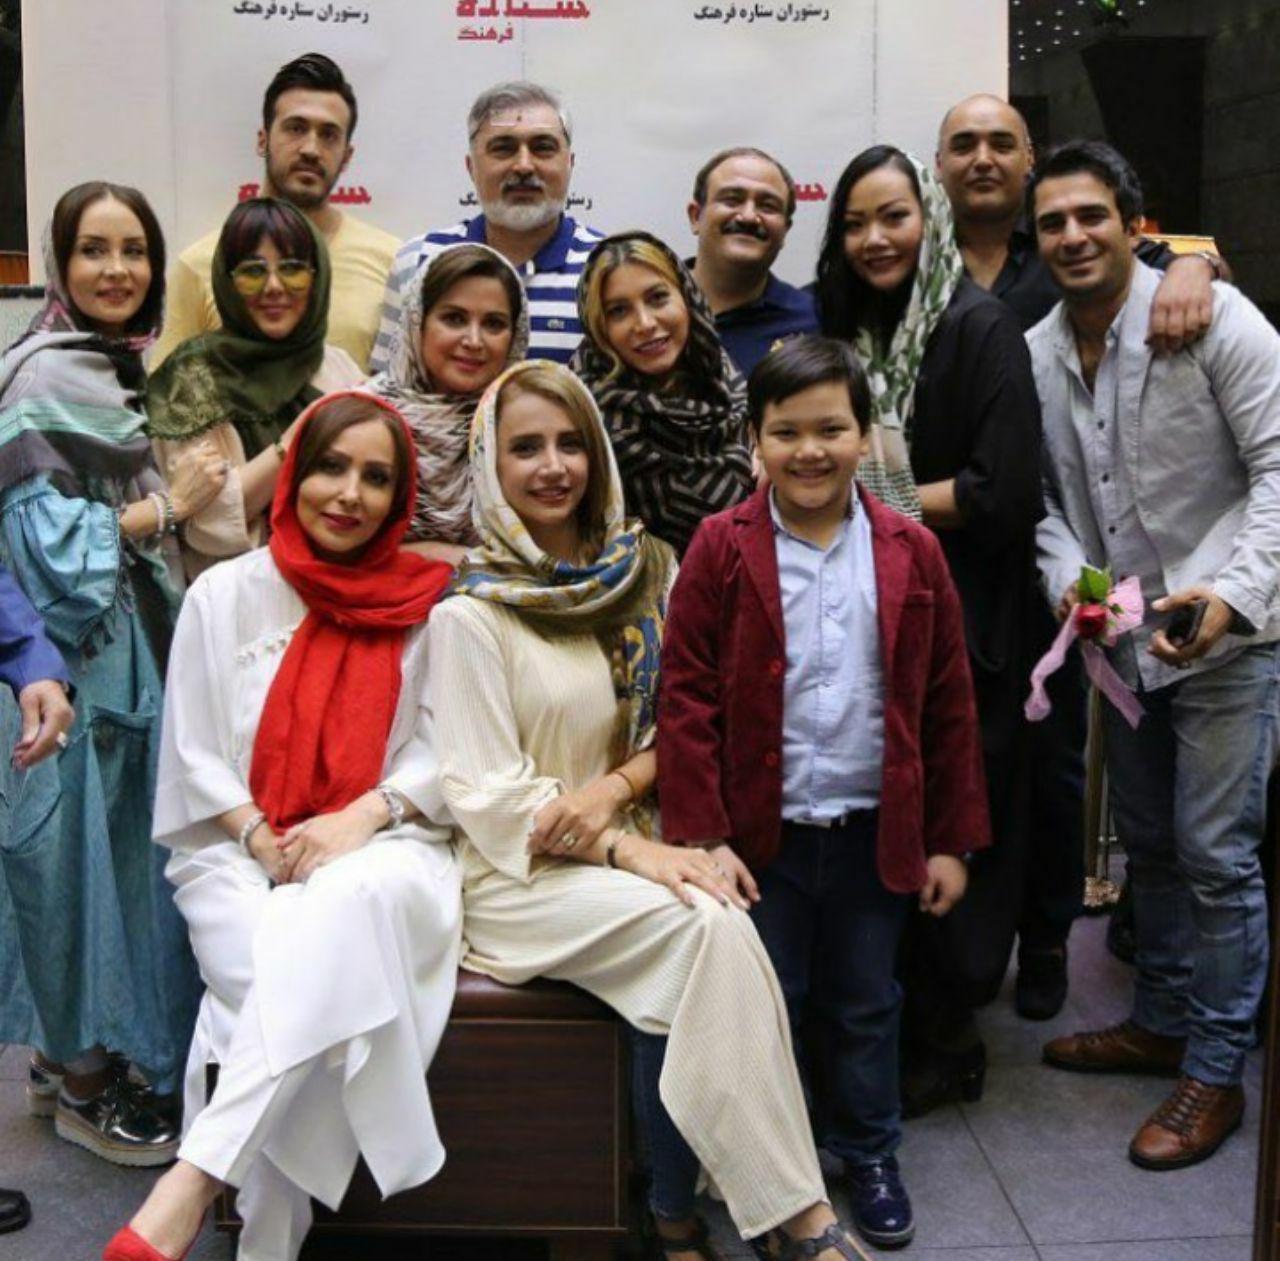 عکس:تولد مهران غفوریان در کنار هنرمندان